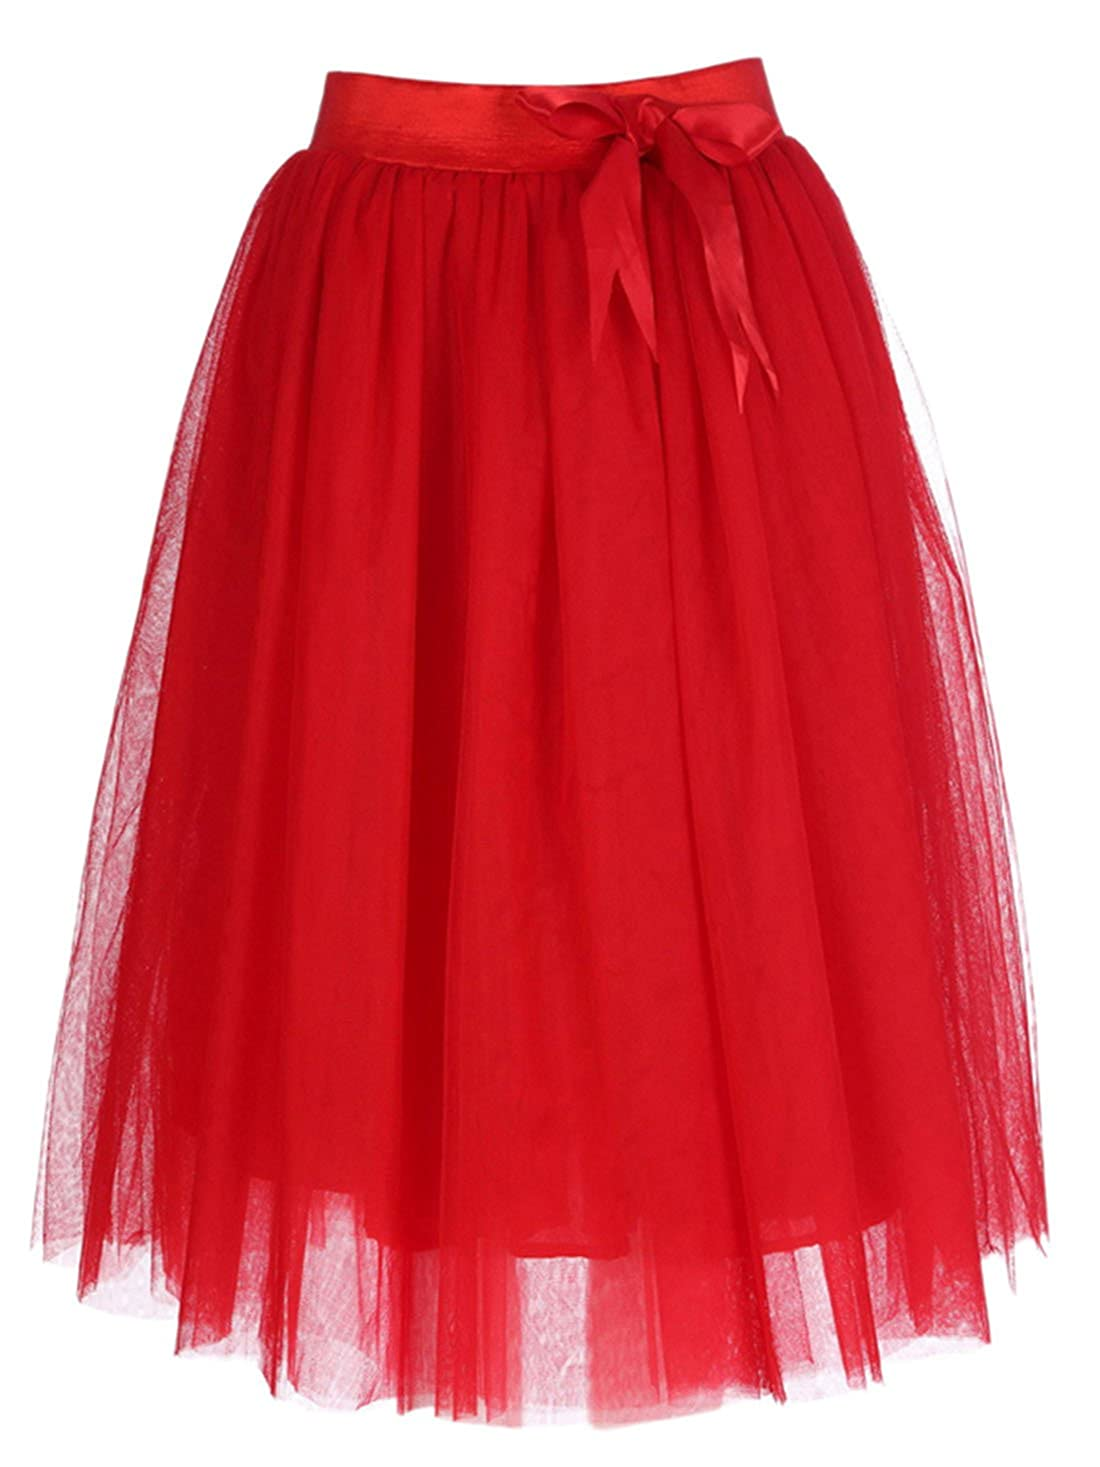 Feoya - Jupe en Tulle Midi Femme Taille Elastique Noeud de Papillon Princesse Jupon Tutu au Genoux Printemps Eté Rouge Noir Mariage Spectacle Danse Soirée Beach